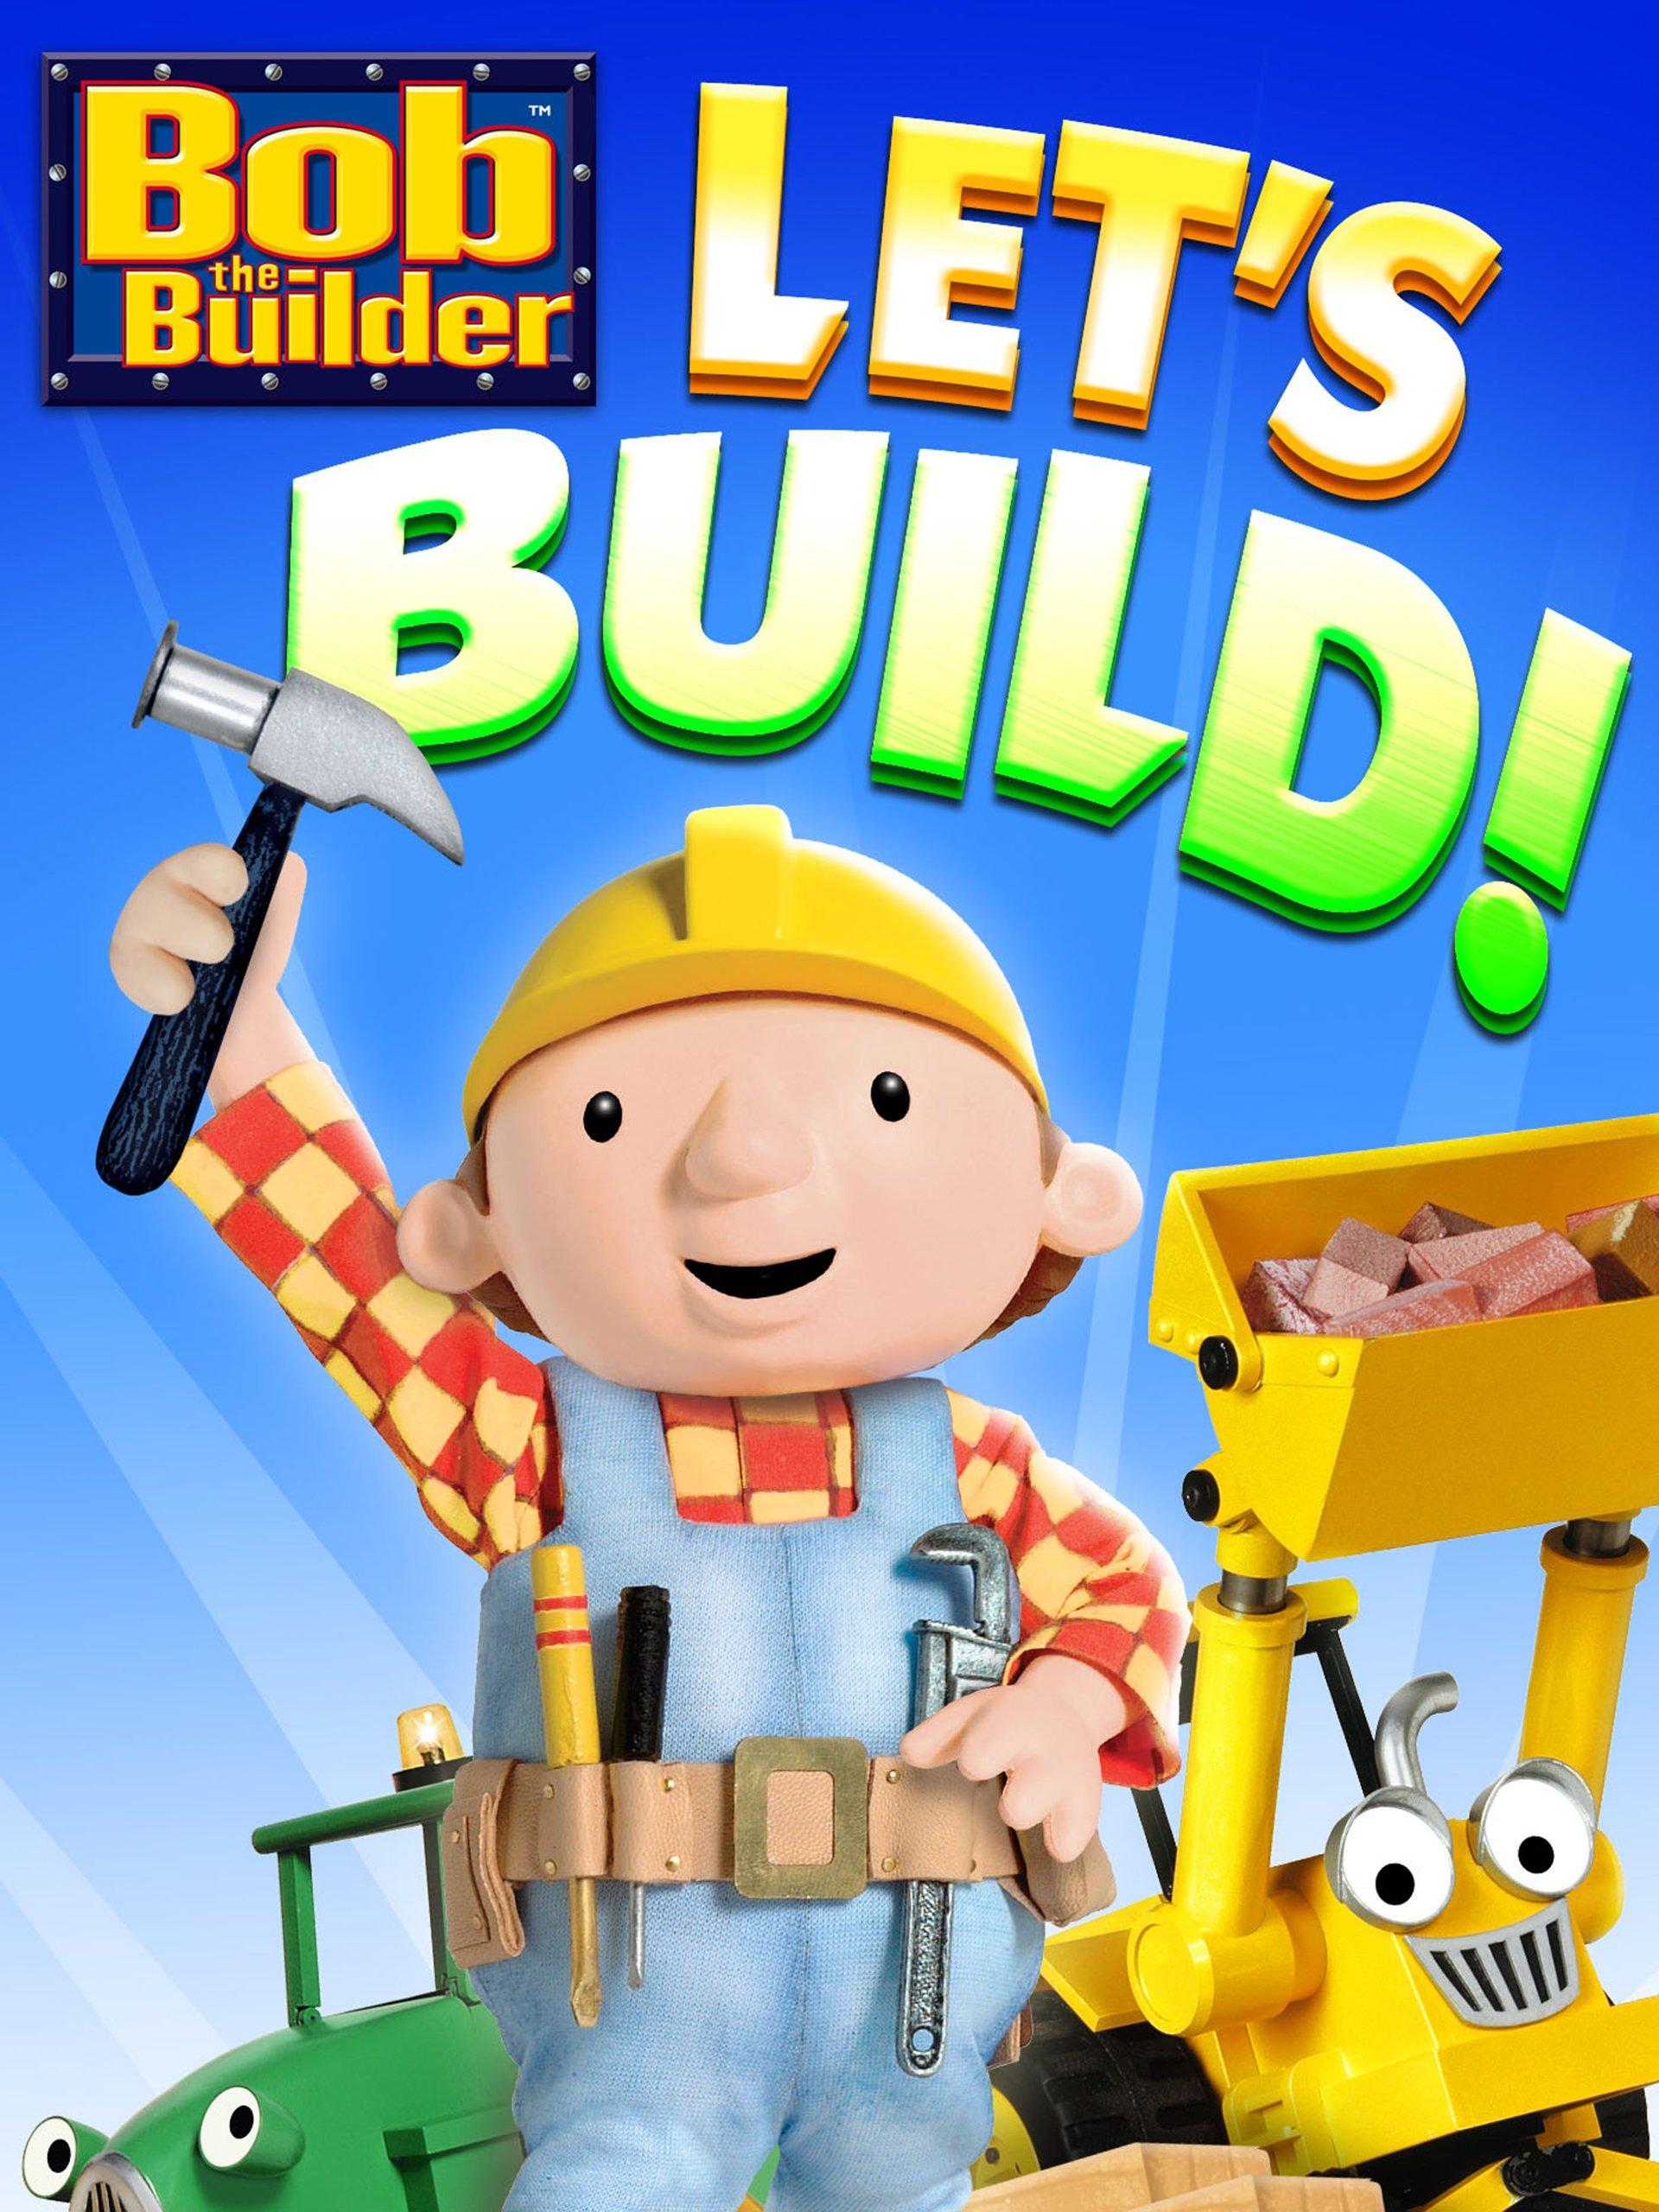 Bob the builder live online dvd rental - Bob The Builder Let S Build